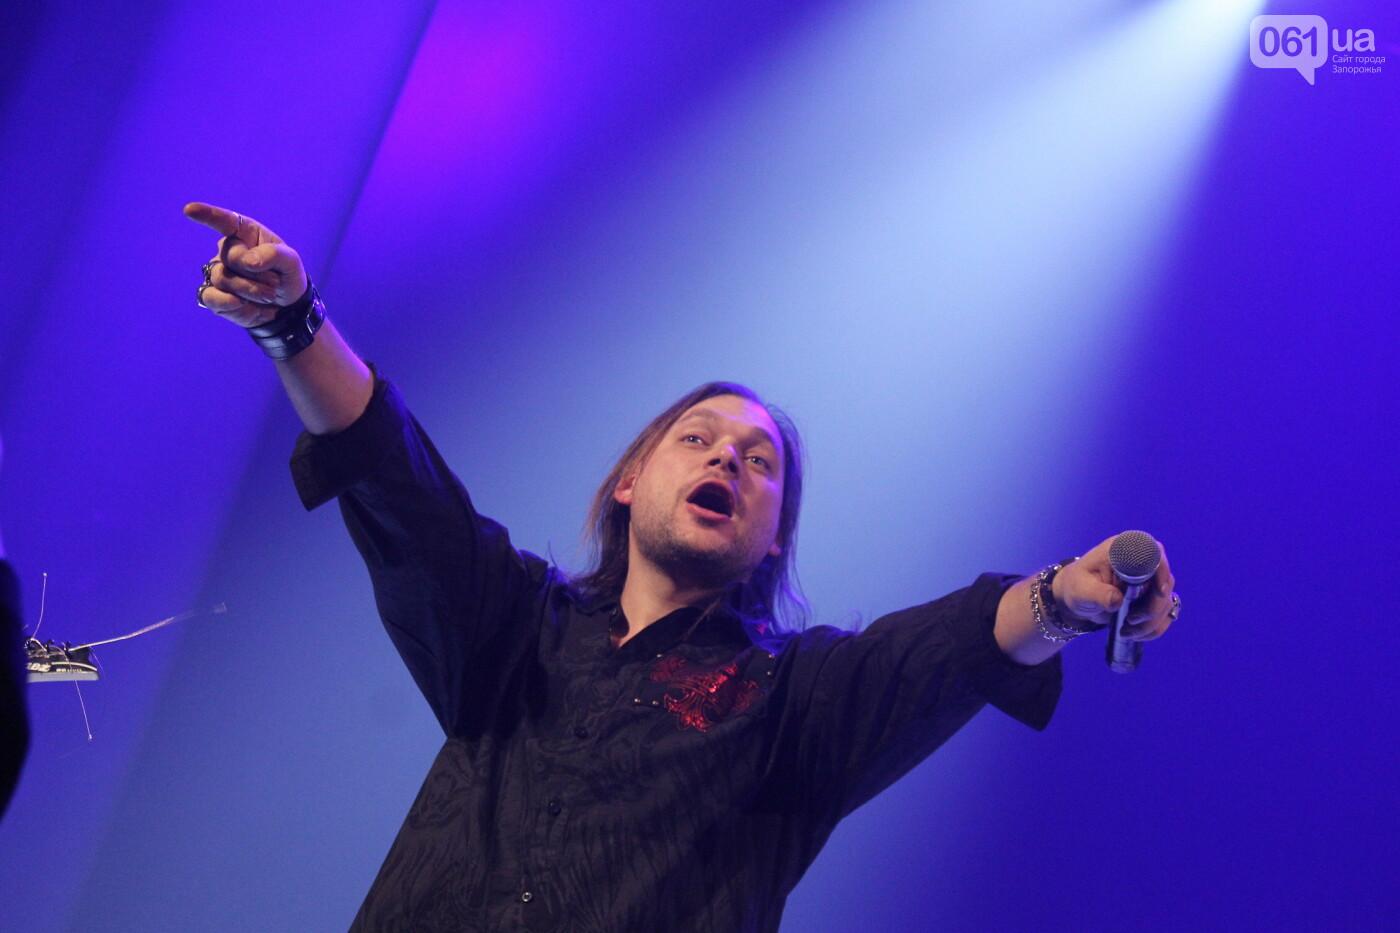 Тяжелый рок в симфоническом звучании: каким было Hard Rock Show в Запорожье, – ФОТОРЕПОРТАЖ, фото-17